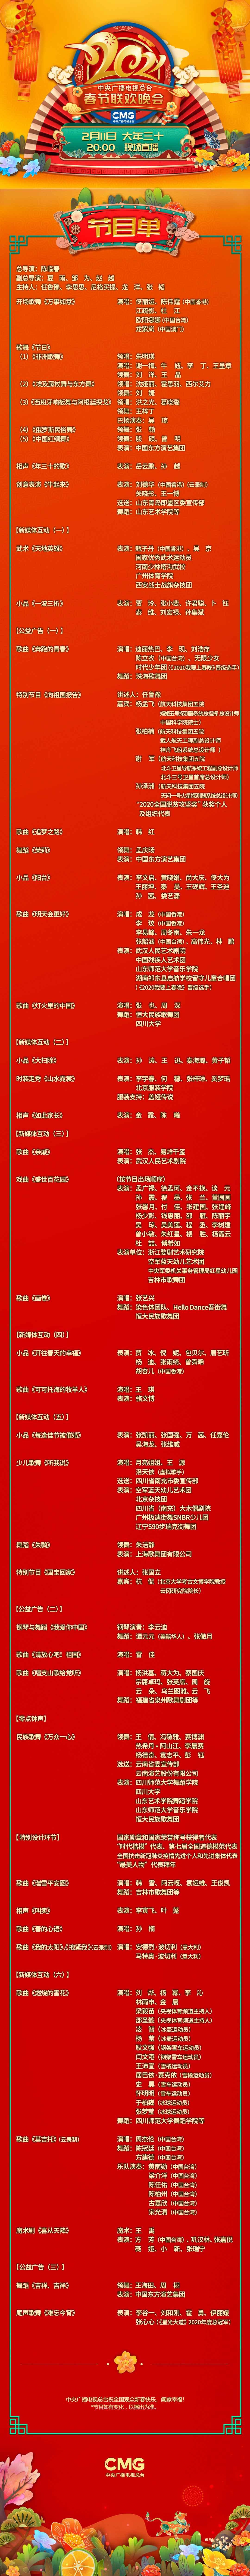 最新!2021年央视春晚节目单及主持人阵容出炉!